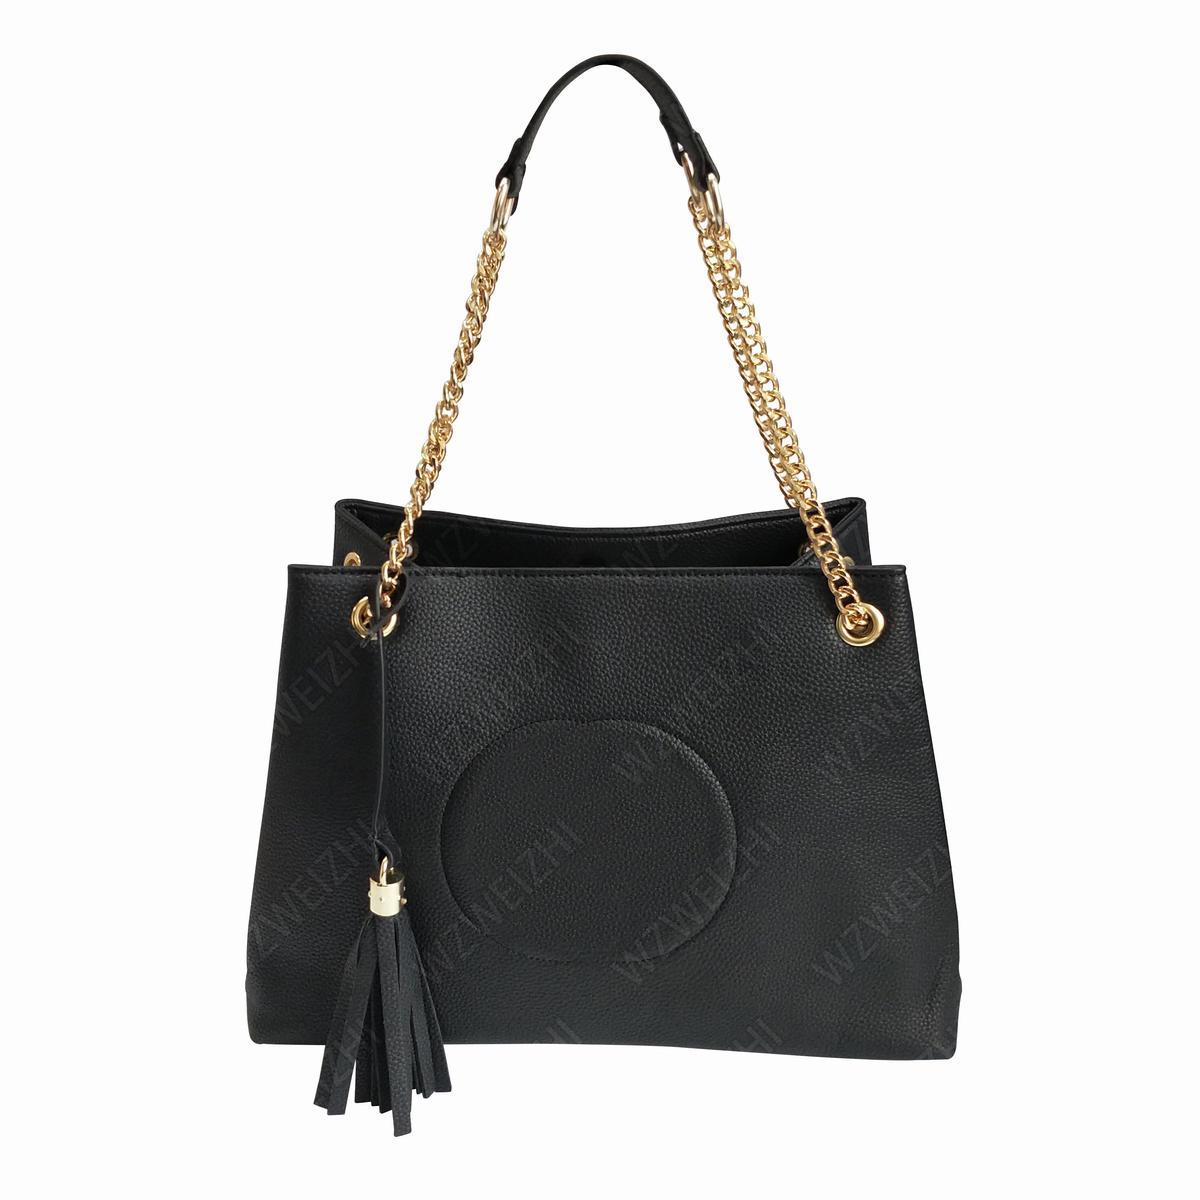 Mode Pu totes cuir Sacs à main Sacs à bandoulière sac glands chaîne or noir sacs de Crossbody Pure Color Femme Femmes sac à dos de portefeuille de bourse